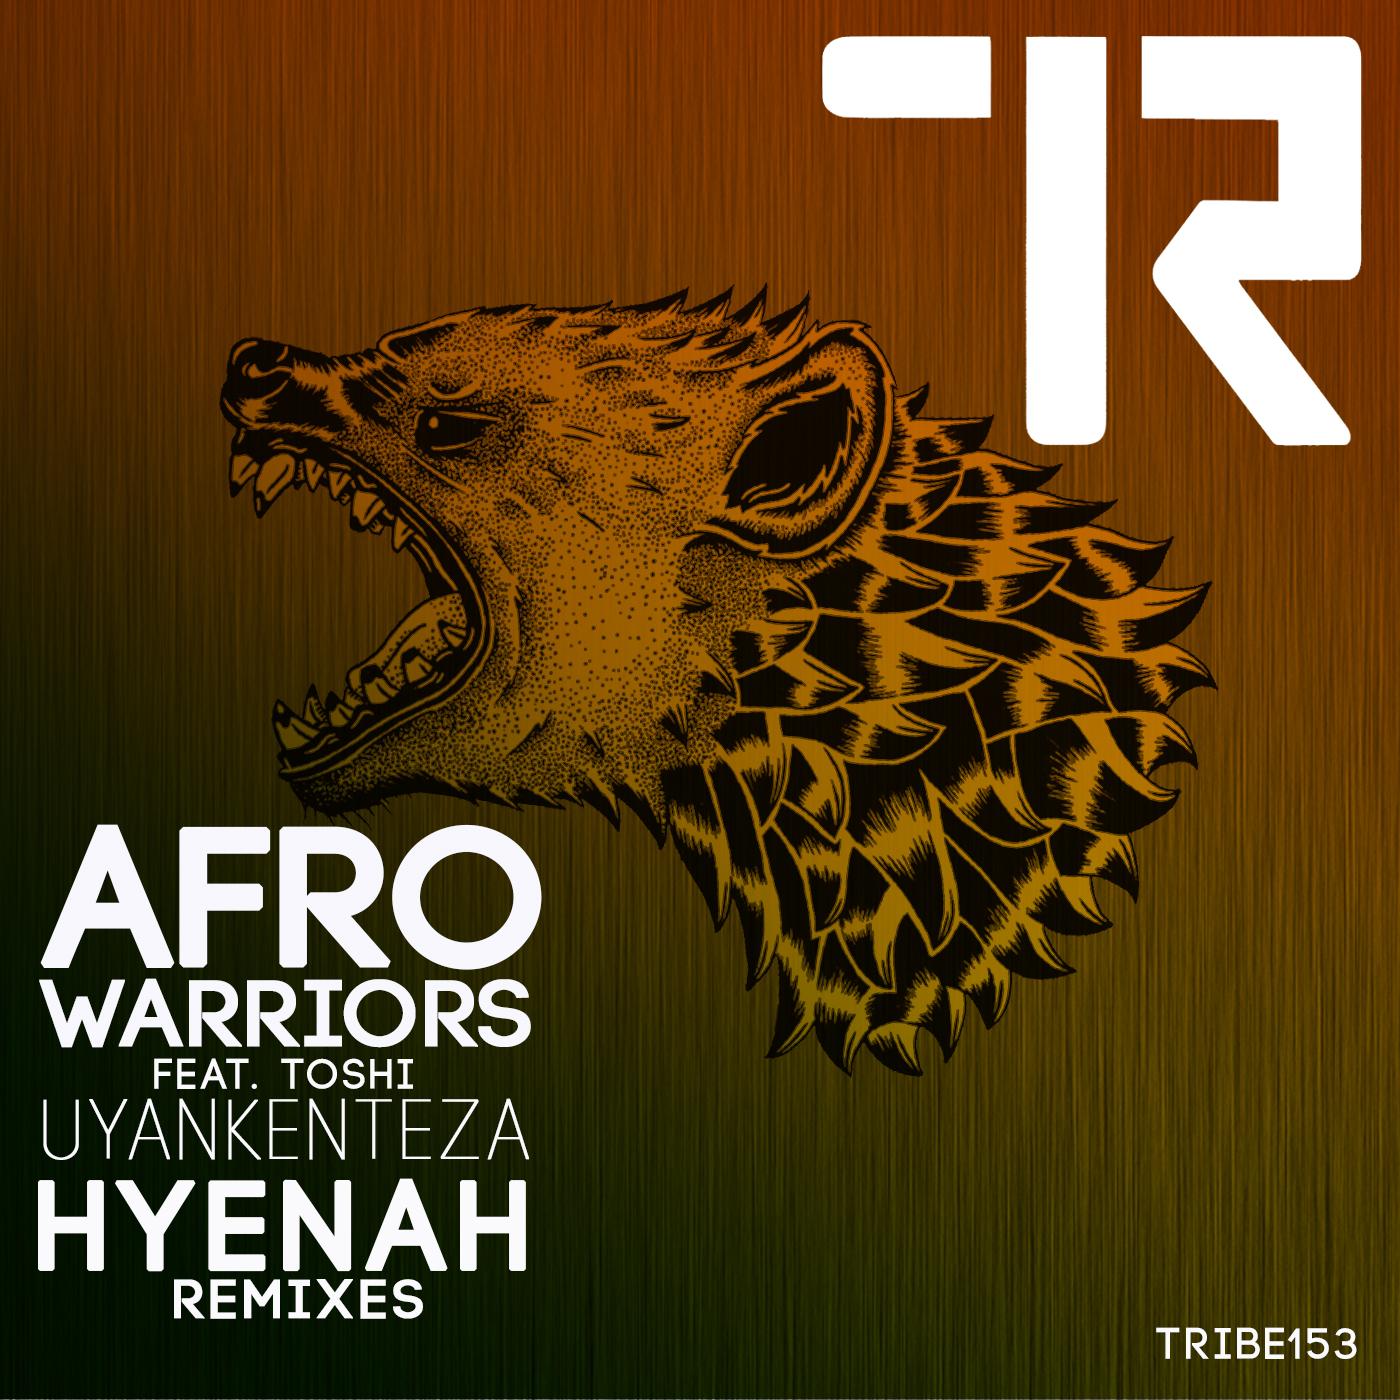 UYANKENTEZA (HYENAH REMIXES) AFROWARRIORS FT TOSHI